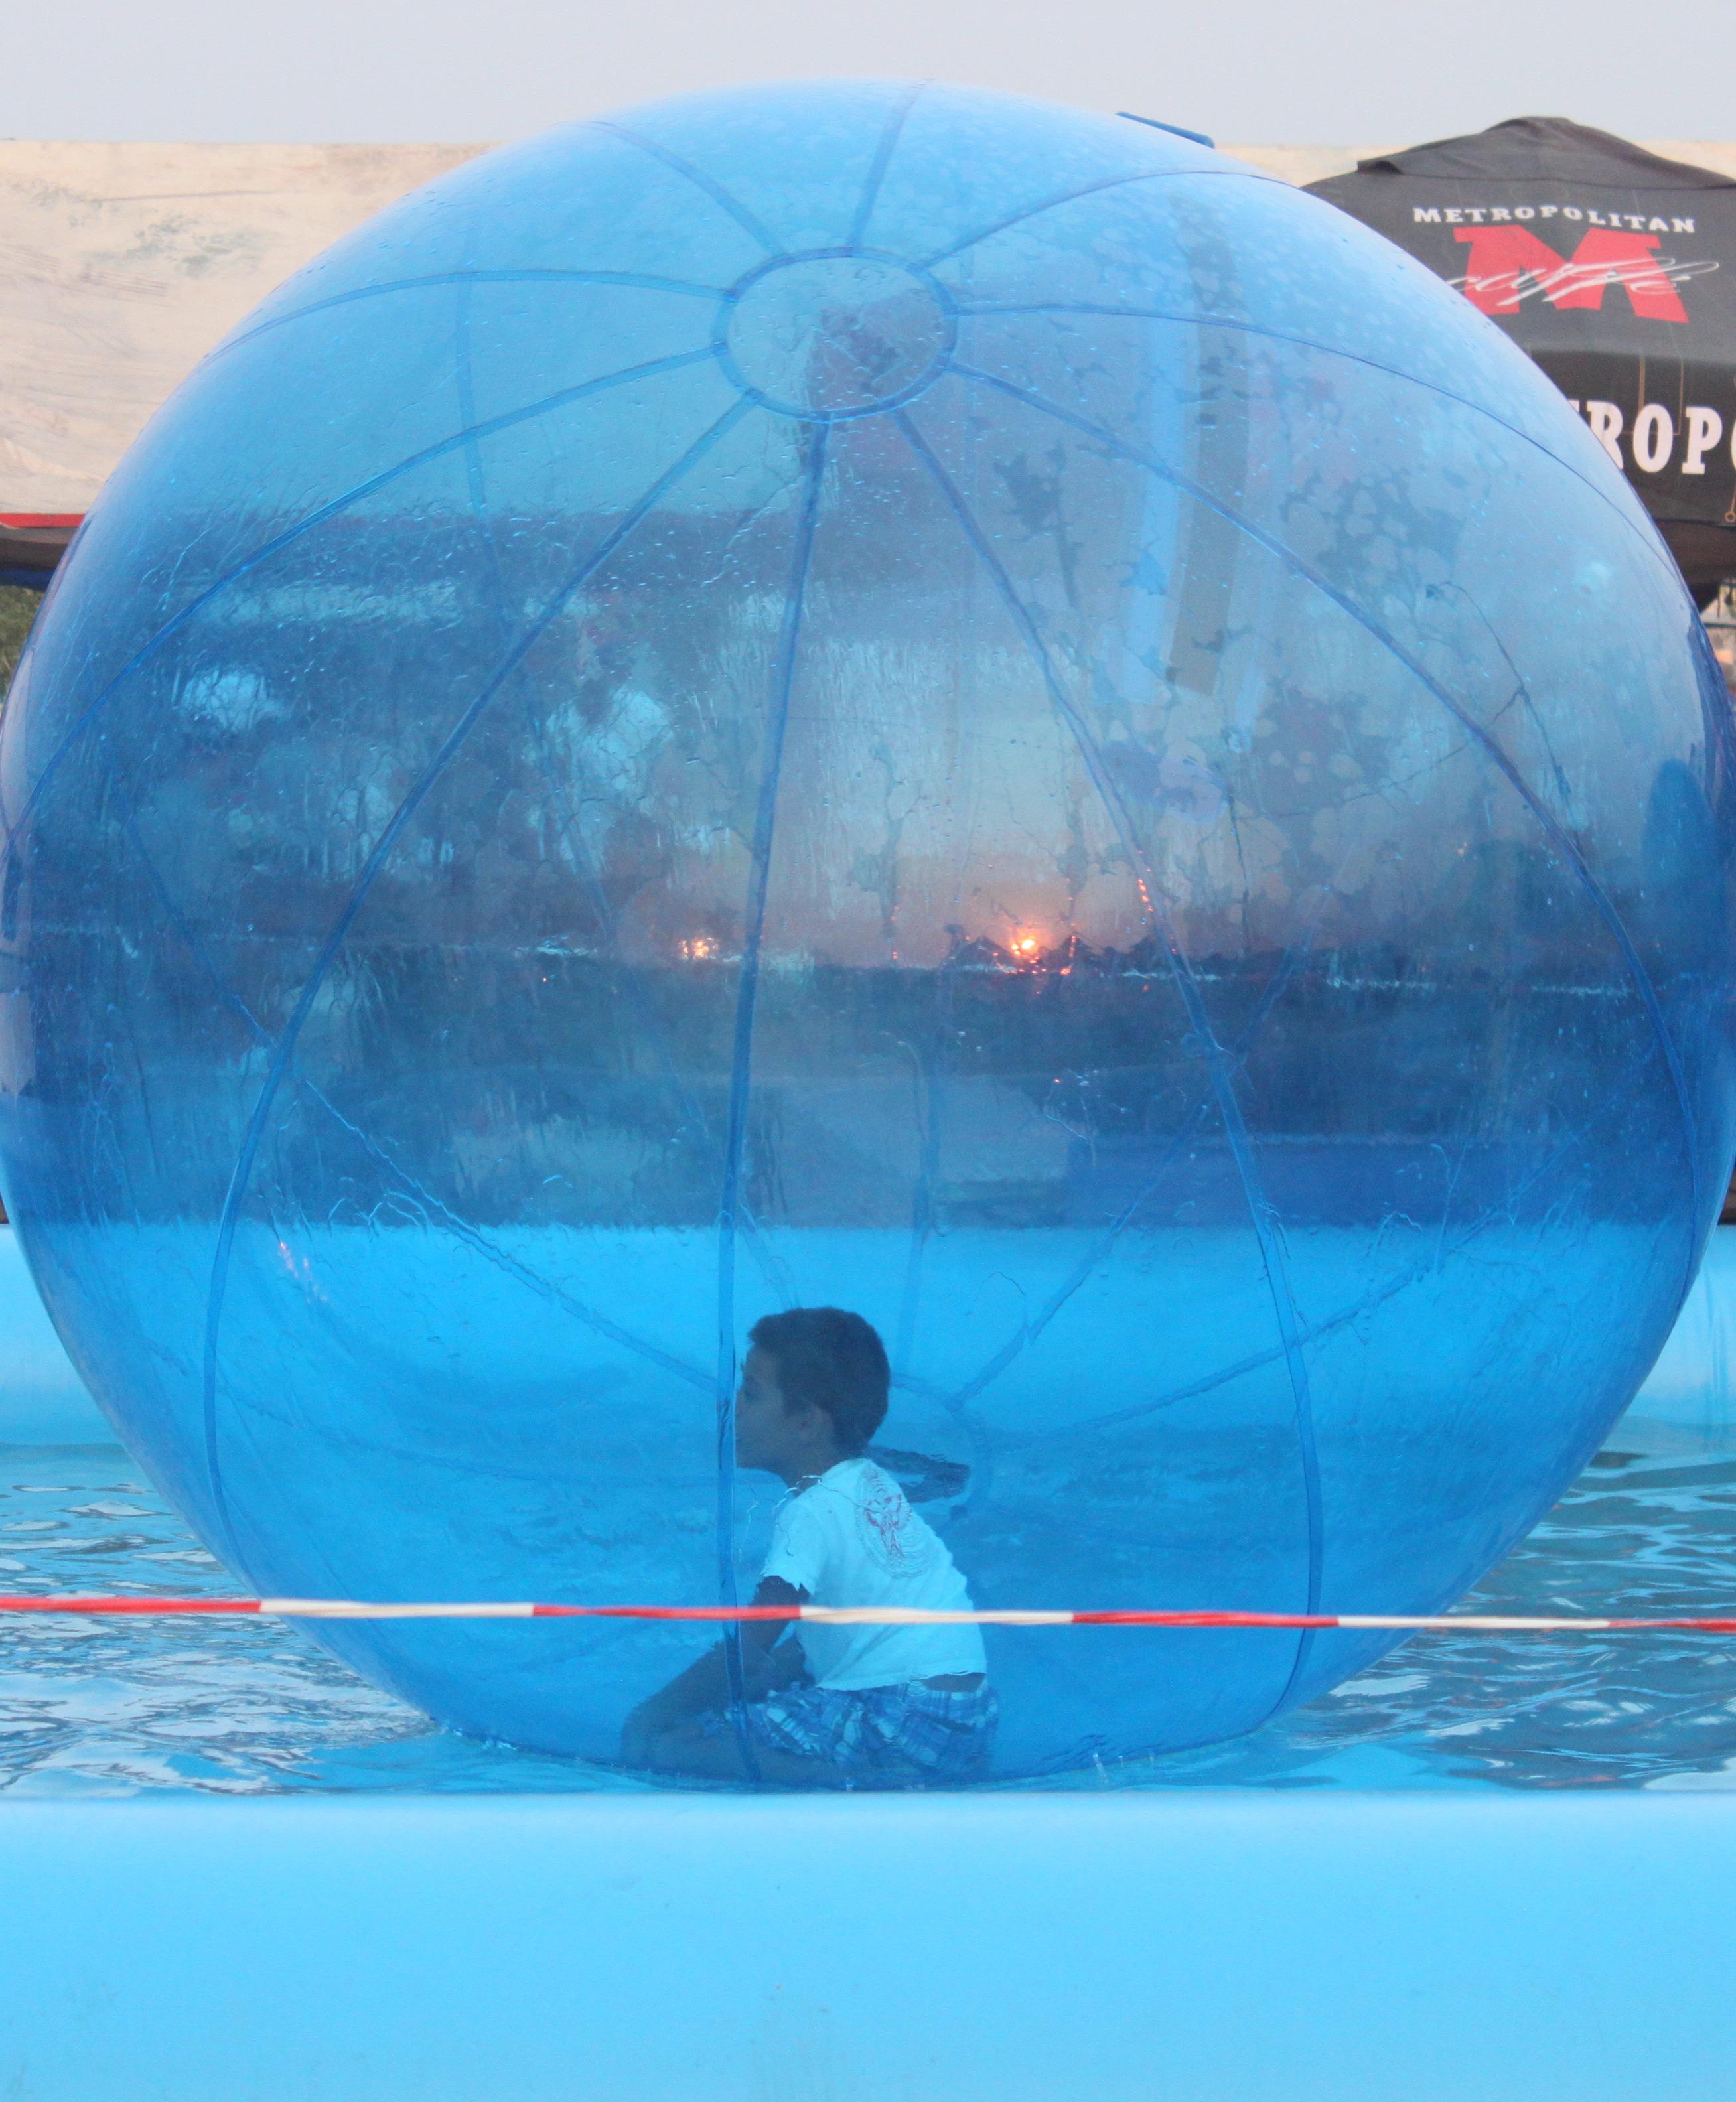 Fotos Gratis Agua Para Caminar Recreacion Reflexion Azul